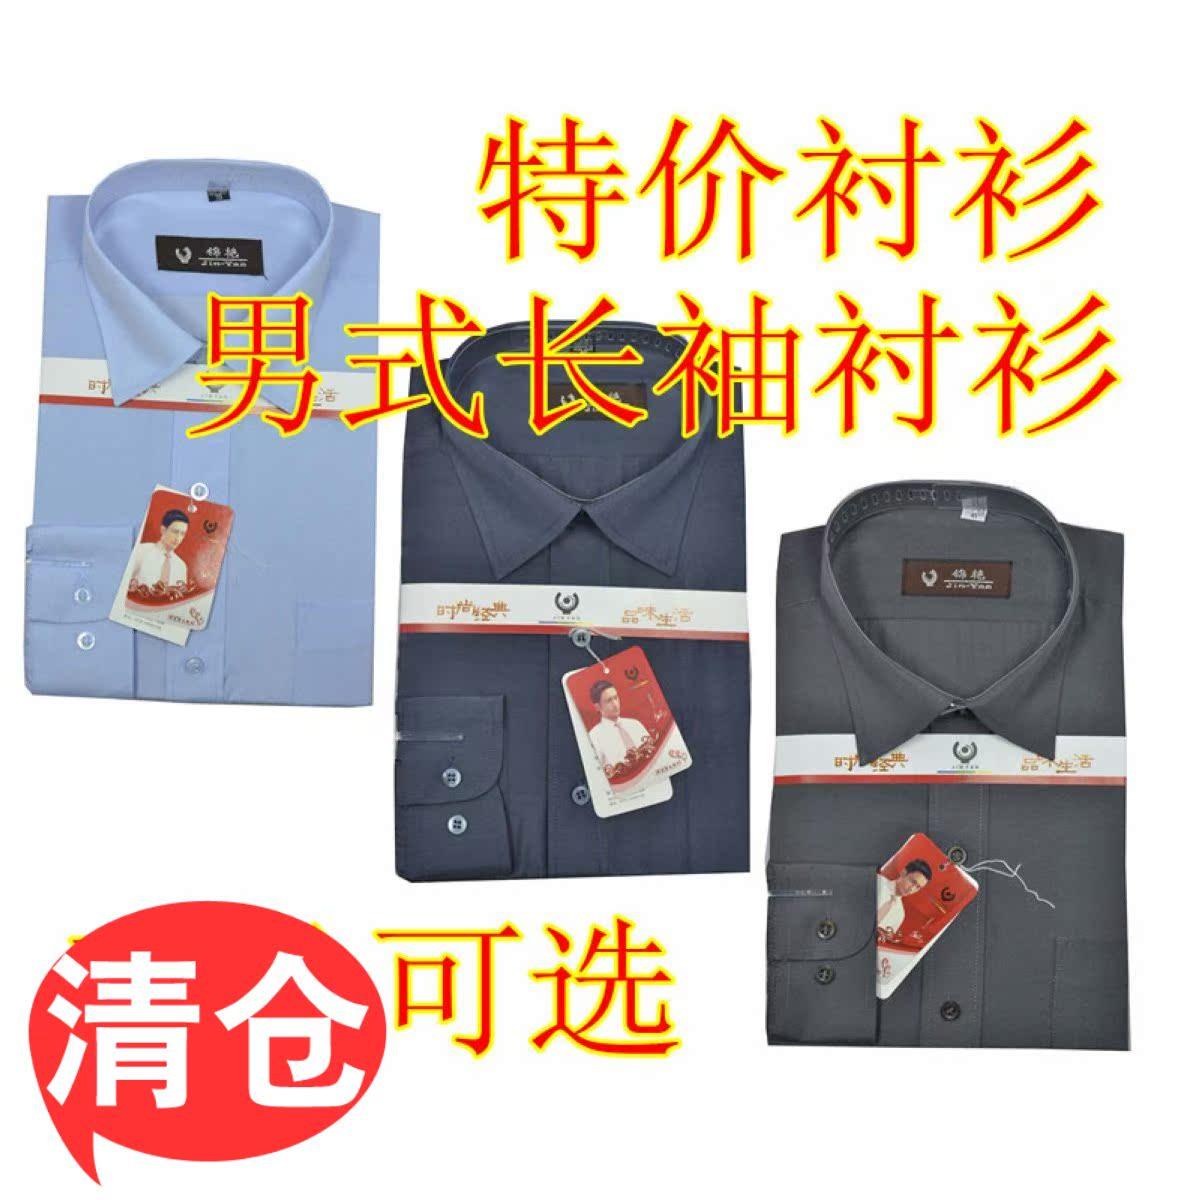 红色衬衫 特价清仓处理男女式工装衬衫中老年春秋款长袖休闲衬衣可绣广告字_推荐淘宝好看的红色衬衫